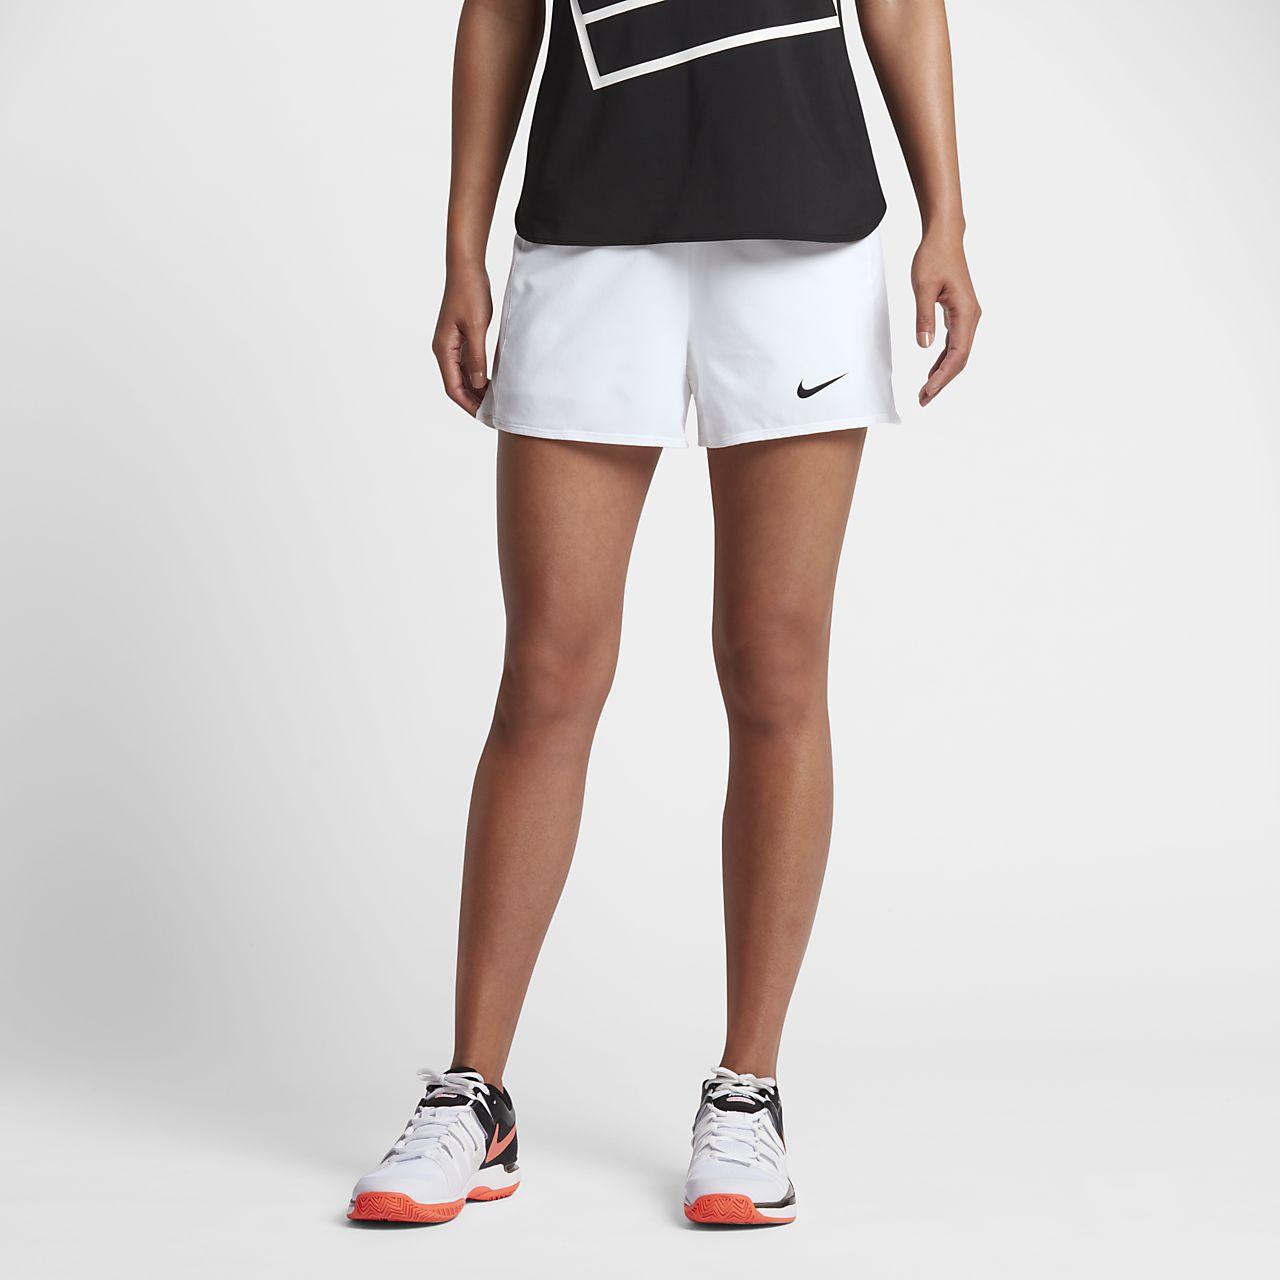 nike tennis tops ladies